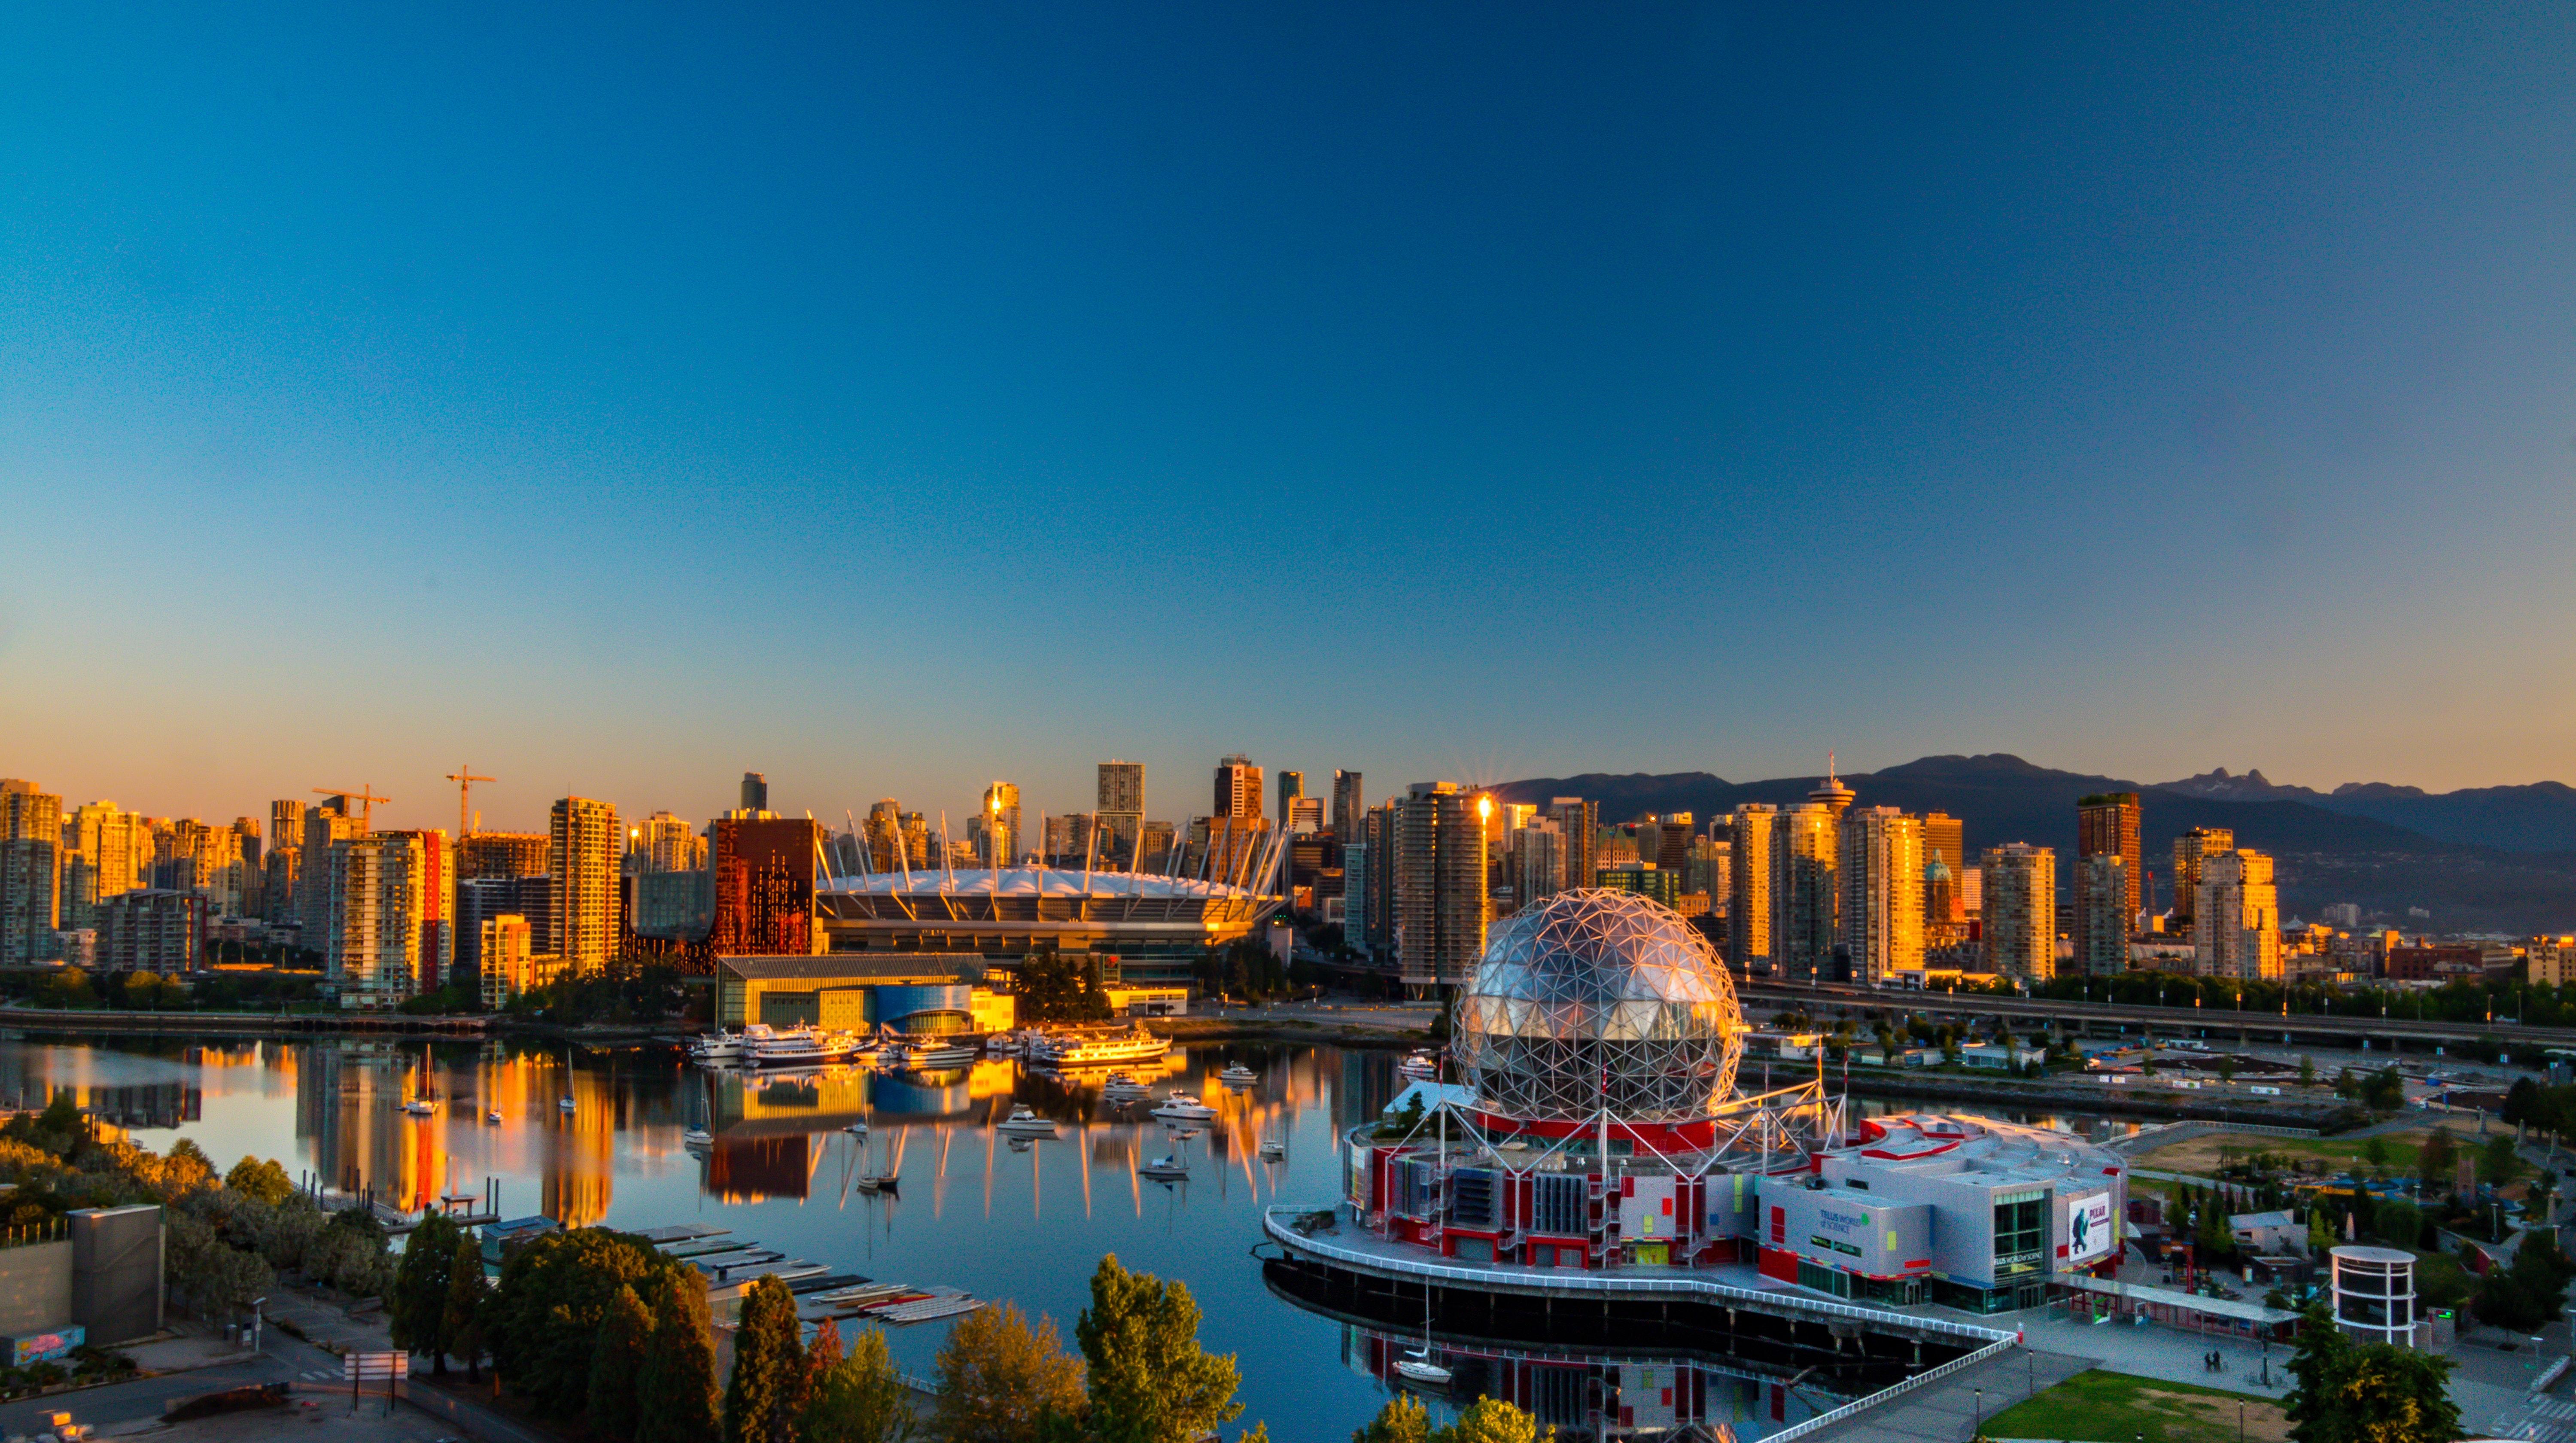 Vancouver, British Columbia. (Cortesía de Pexels)